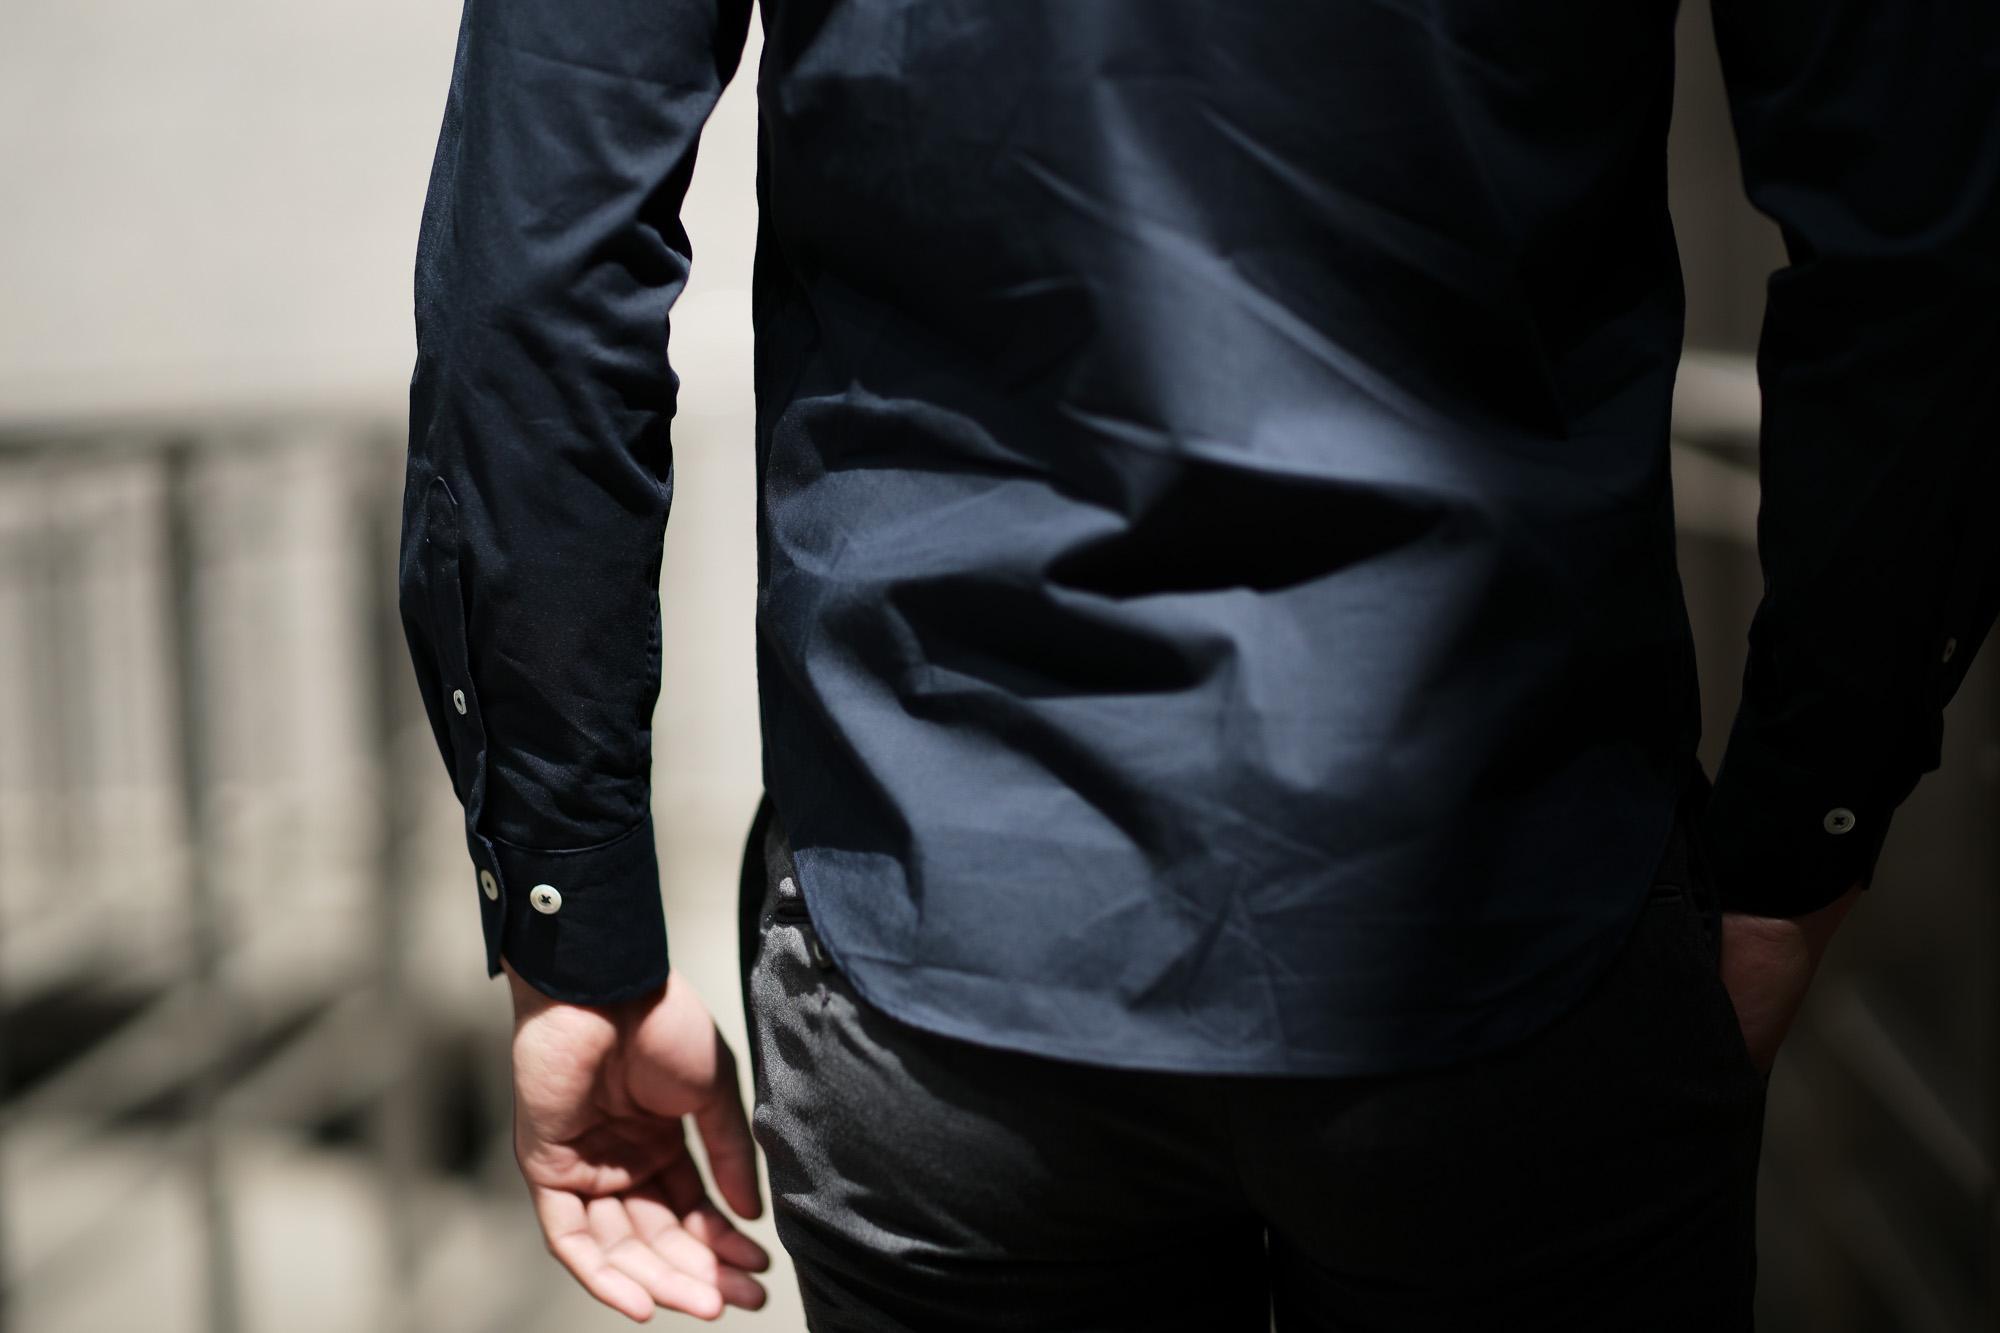 Cuervo (クエルボ) Sartoria Collection (サルトリア コレクション) Pier(ピエル) STRETCH COTTON ストレッチコットン シャツ BLACK (ブラック),NAVY(ネイビー),WHITE(ホワイト),SAX(サックス),BEIGE(ベージュ),BORDEAUX (ボルドー) MADE IN ITALY (イタリア製) 2019 春夏 【第2便ご予約受付中】【新色ホワイト、サックス、ベージュ、ボルドー追加】 イタリアシャツ 愛知 名古屋 altoediritto アルトエデリット